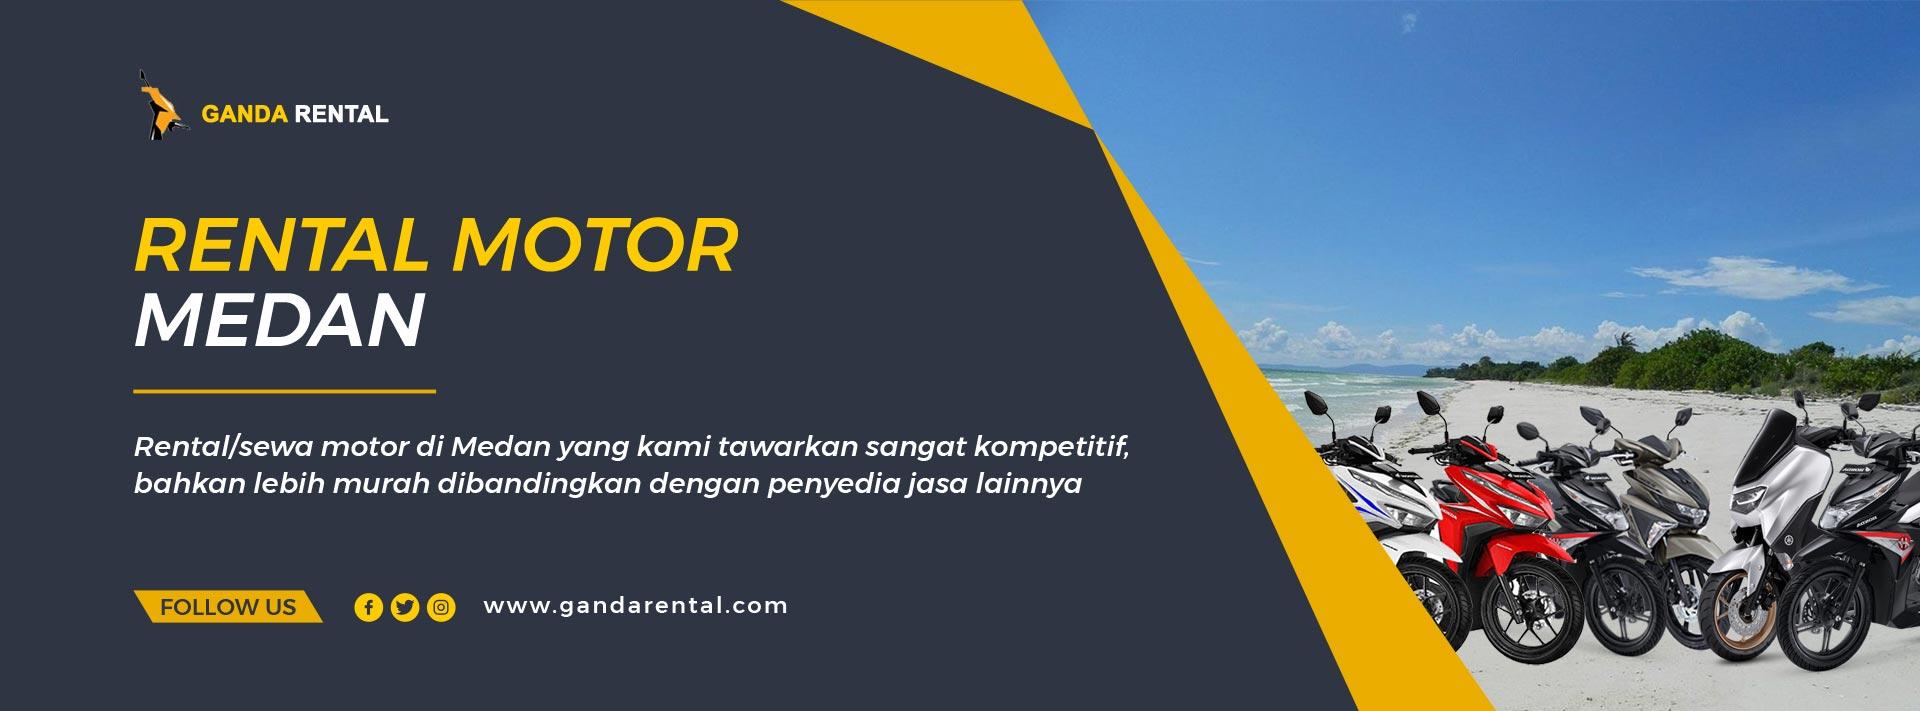 slideshow-header-gandarental-1.jpg